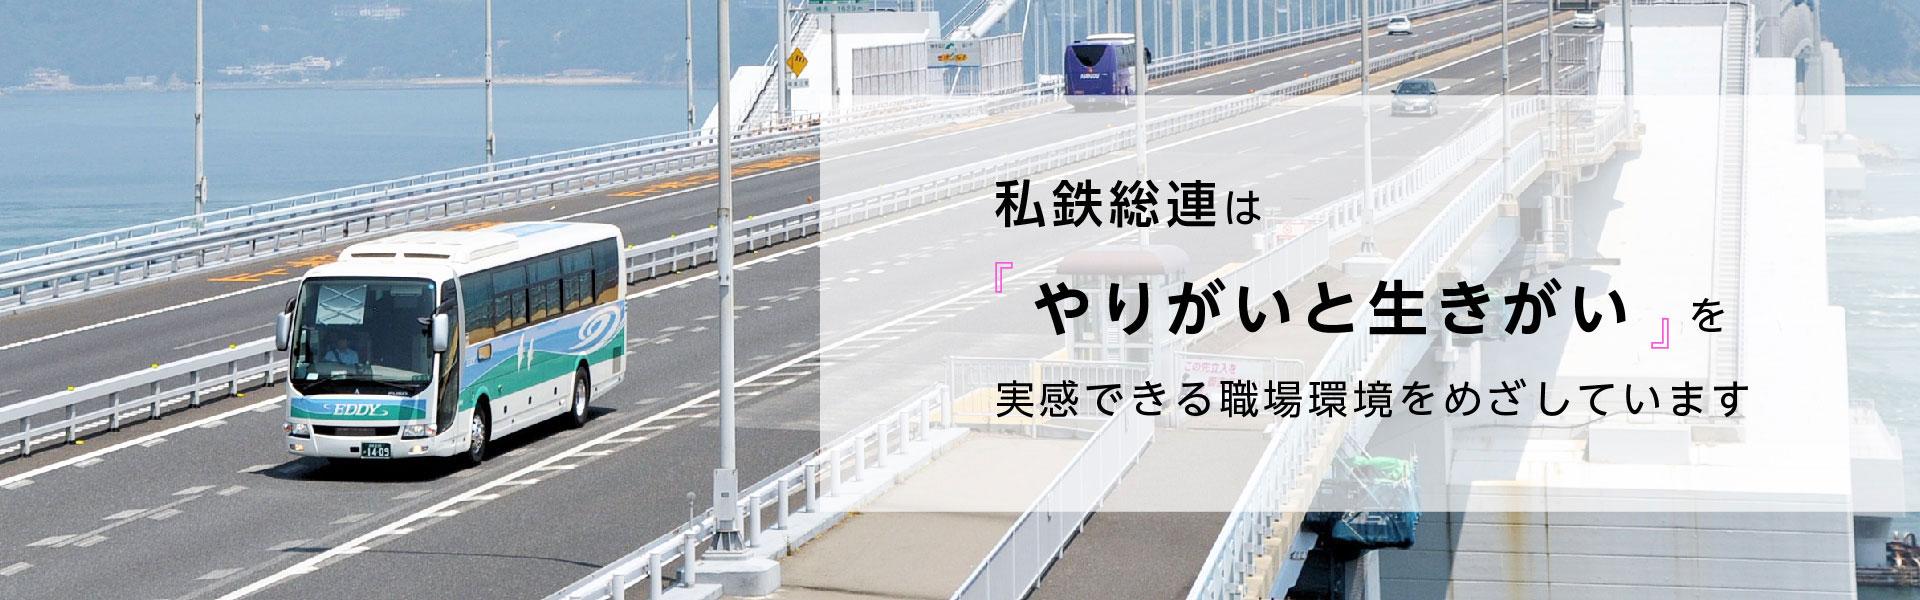 私鉄総連メインビジュアル4